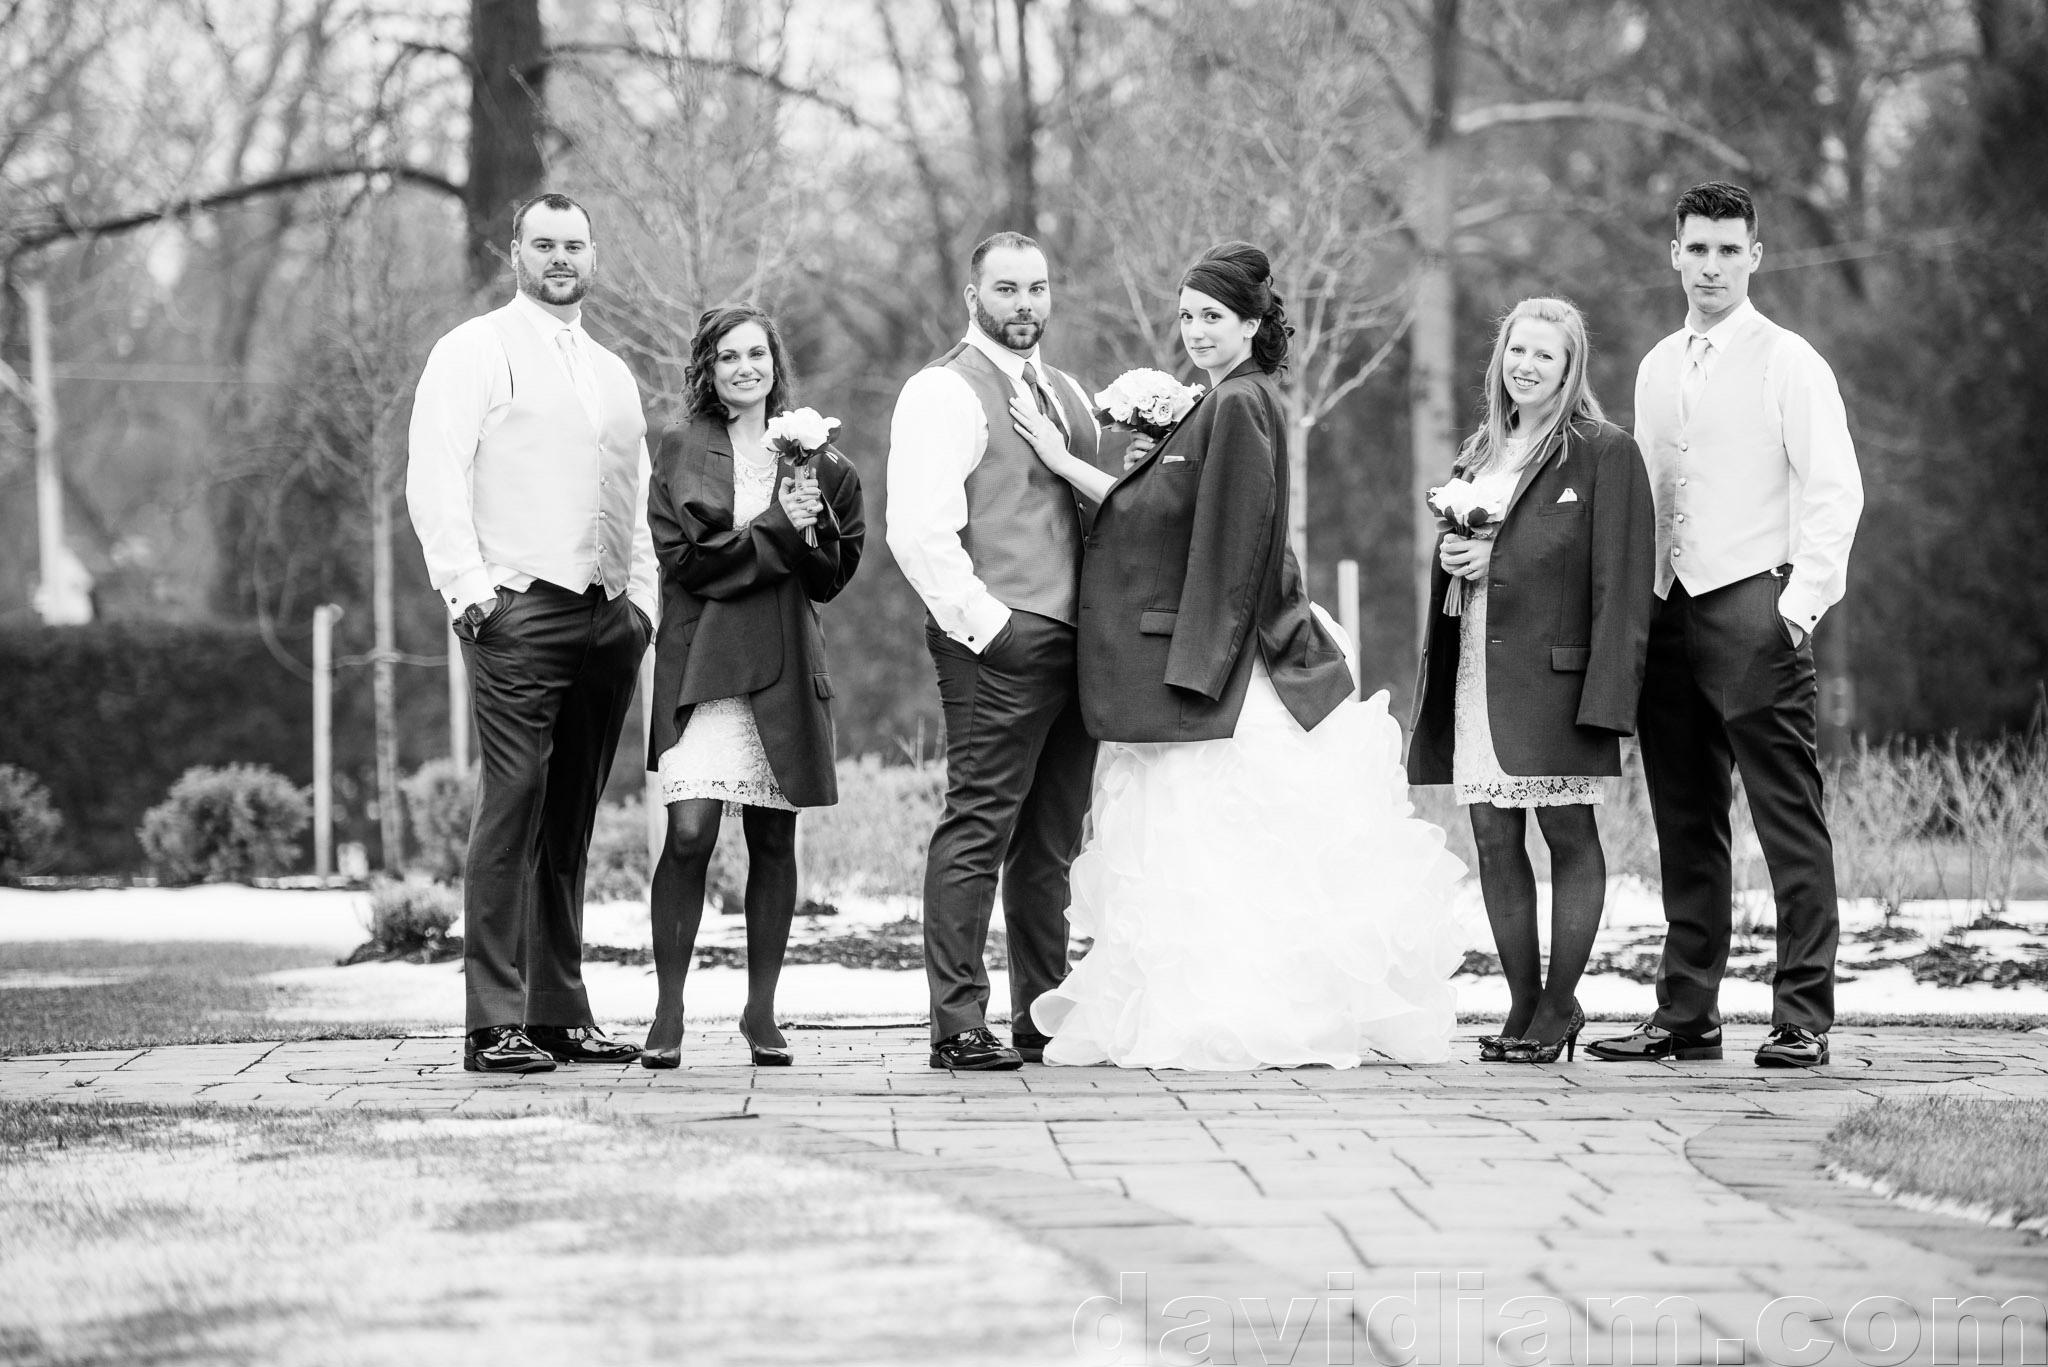 bruce-Hotel-Stratford-wedding-076.jpg